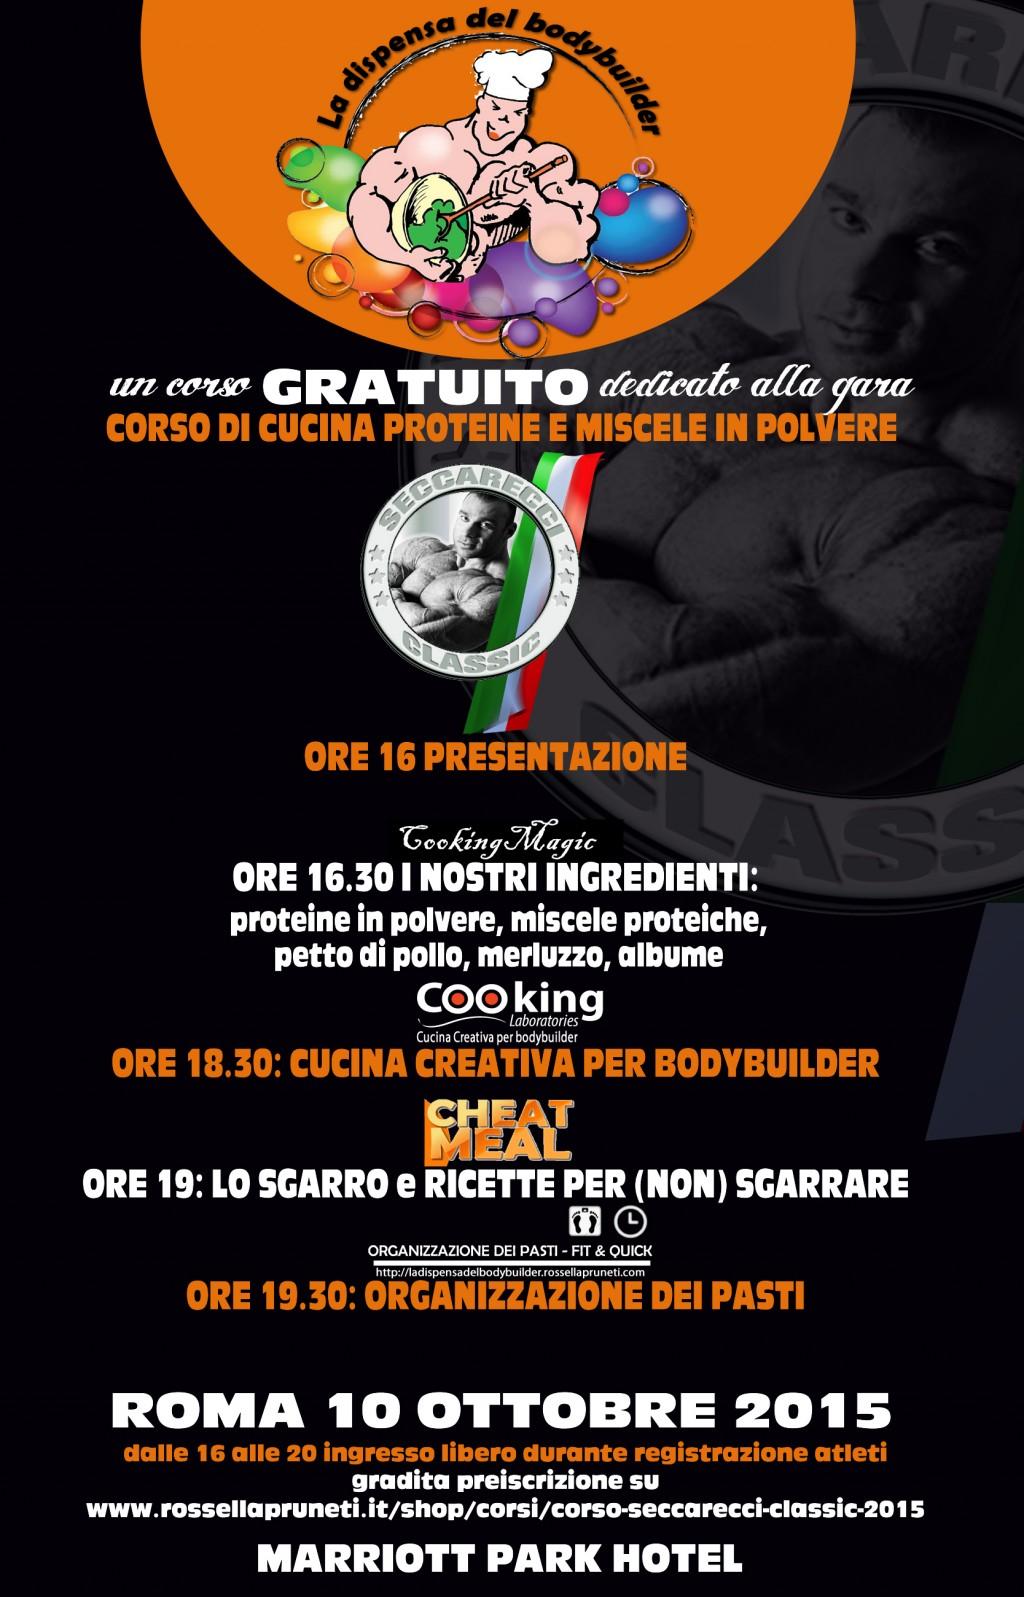 corso-dispensa-seccarecci-classic-2015-programma